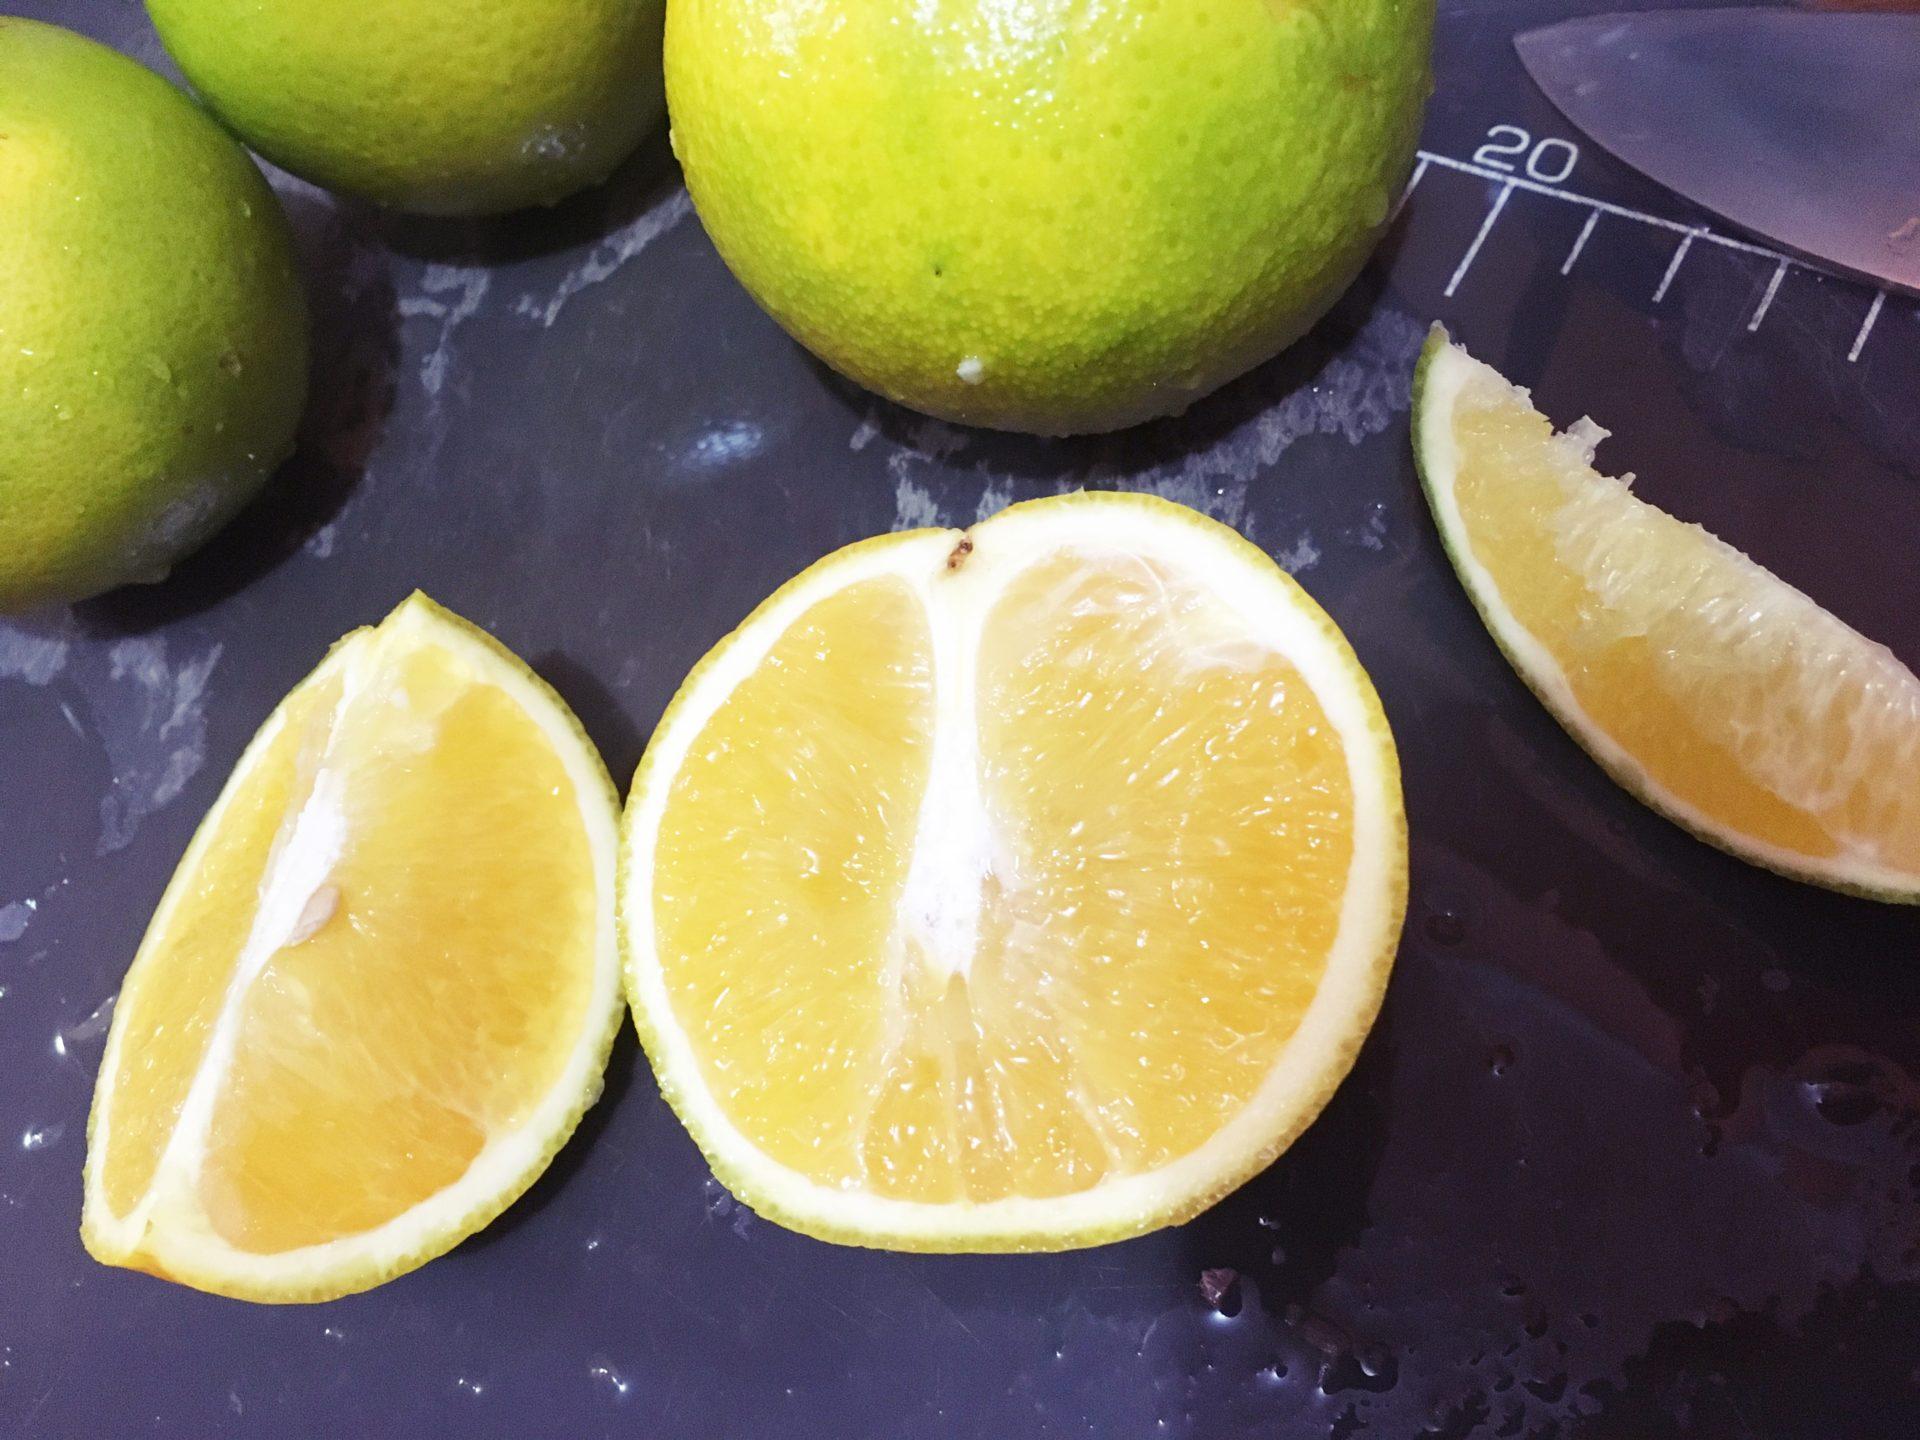 手作り, マーマレード, ジャム, パティシエ, レシピ, オレンジ, ペルー